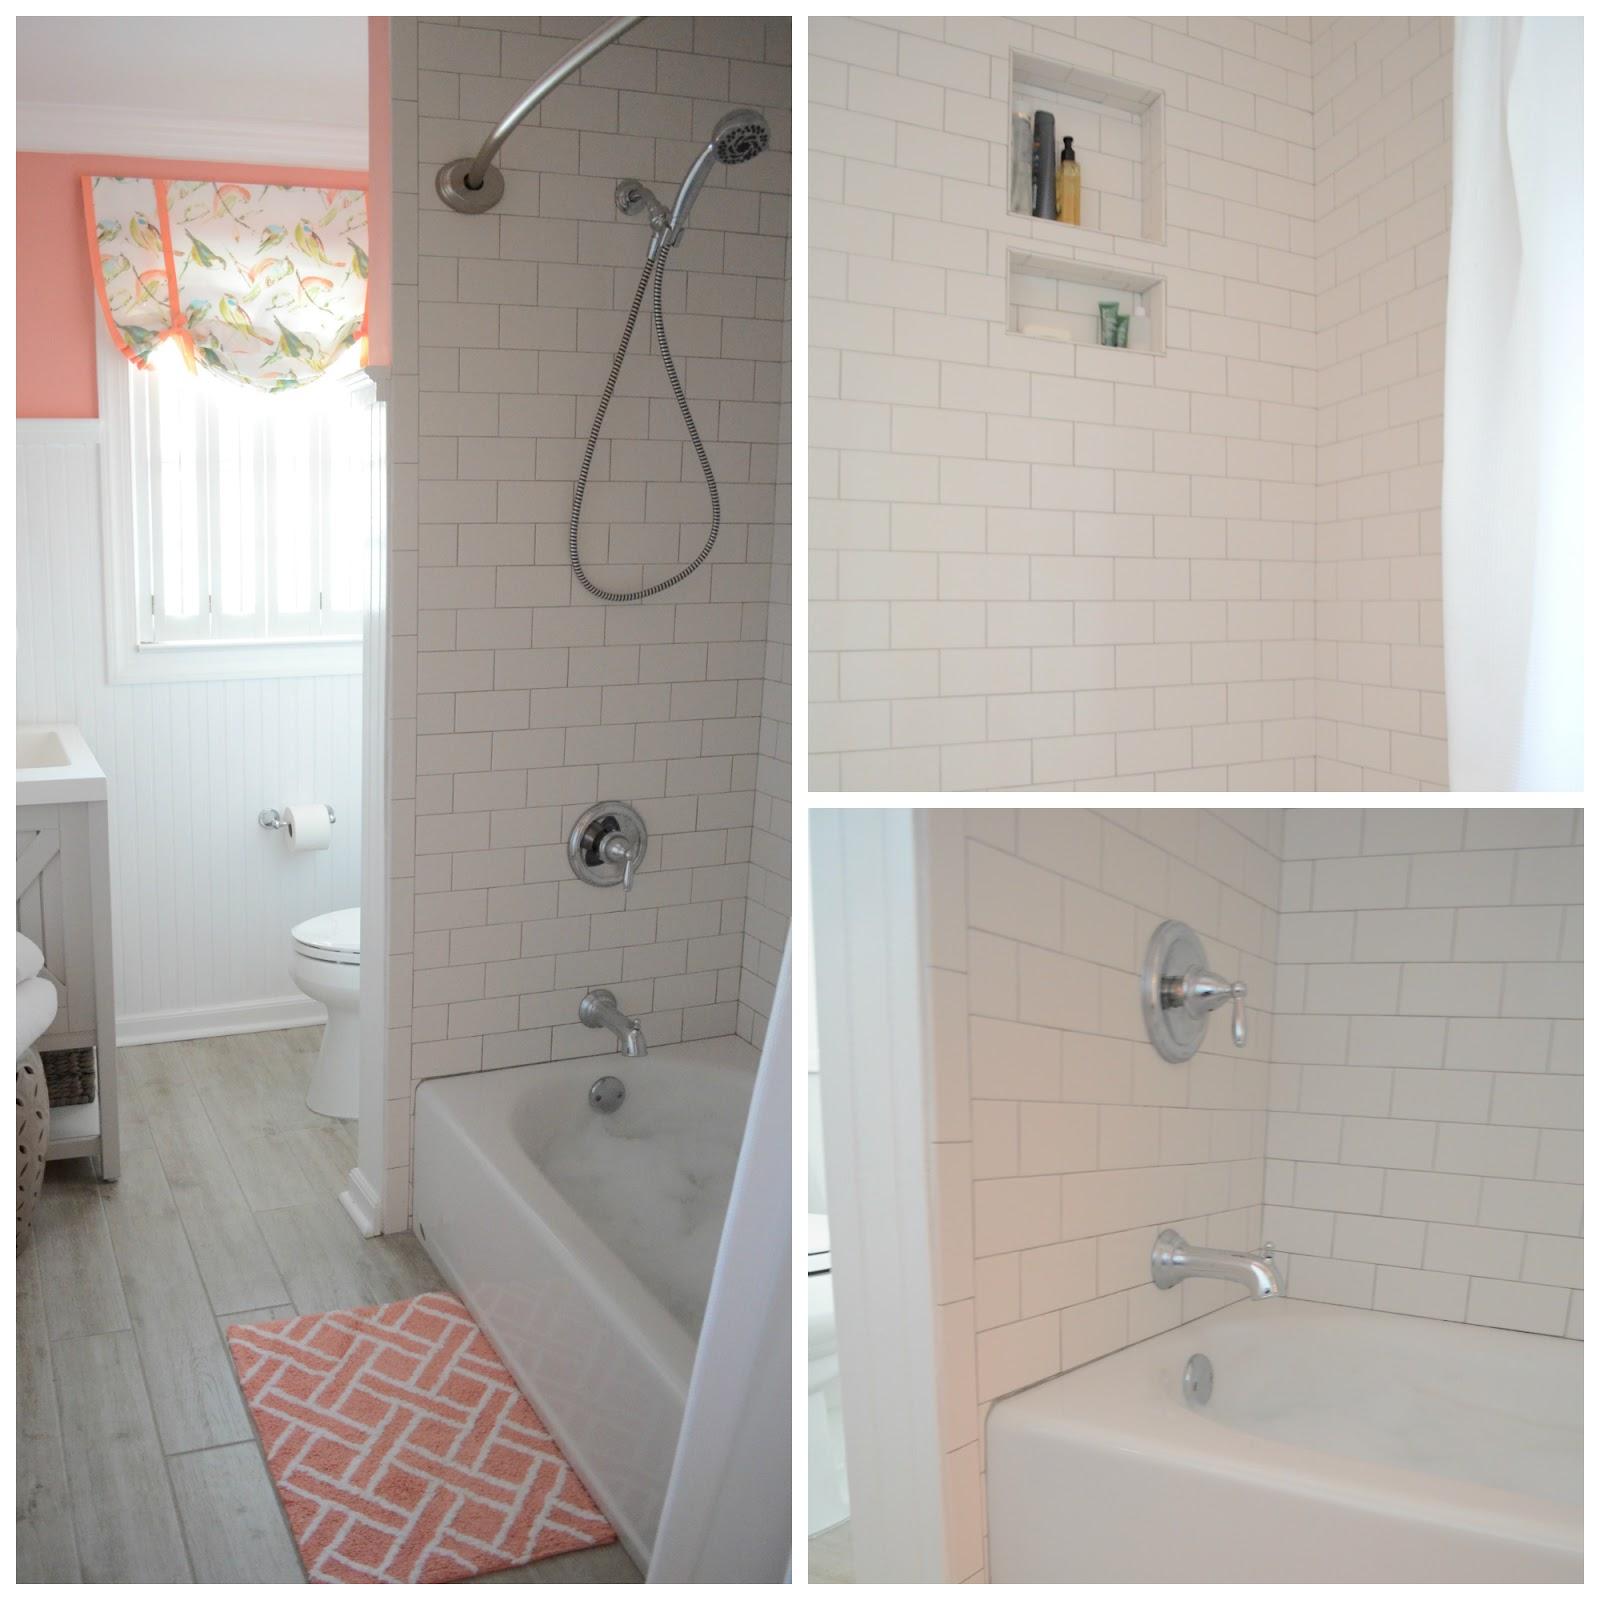 Hall Bathroom Tiles: The Houston House: Hall Bathroom: Sources